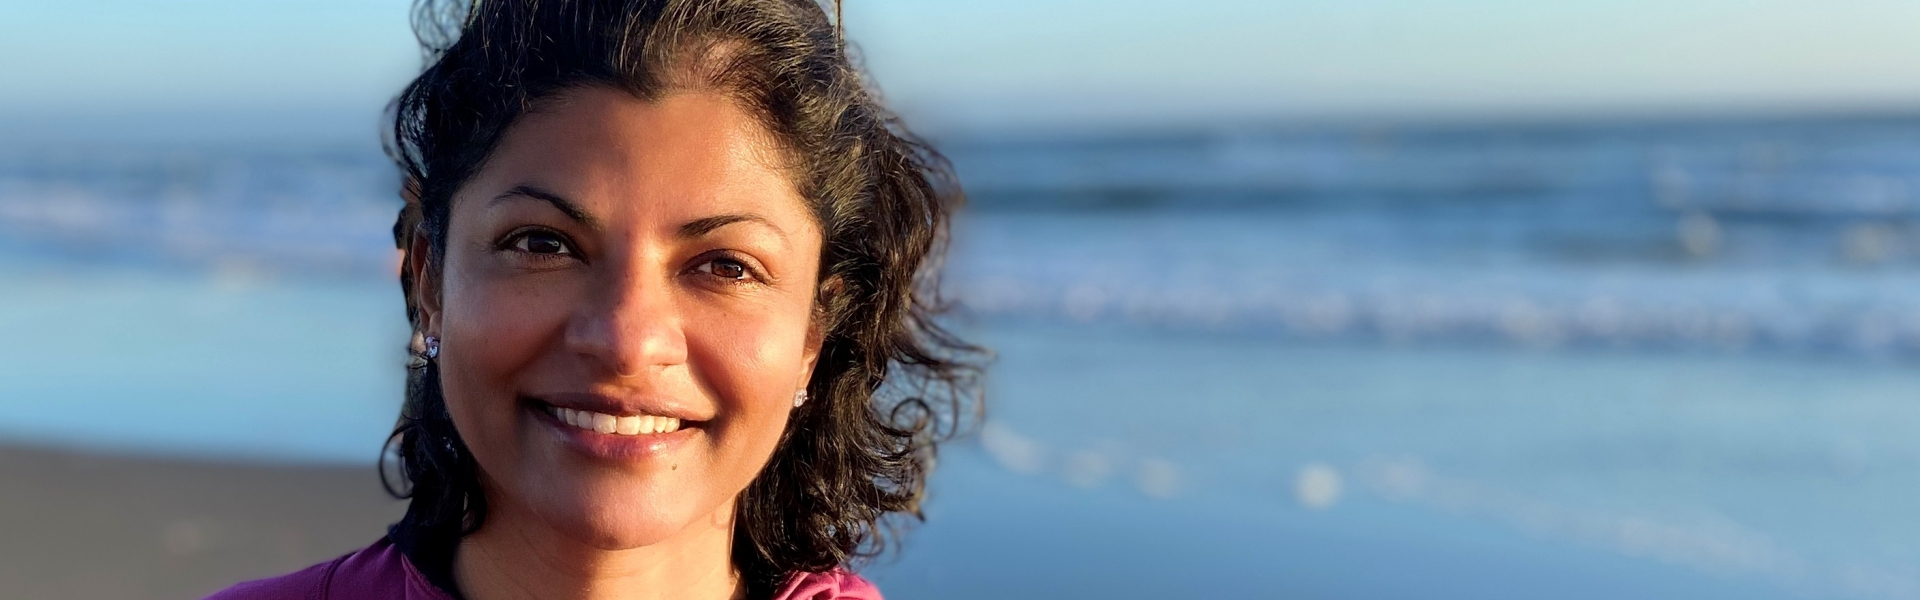 Woman at a sunny beach